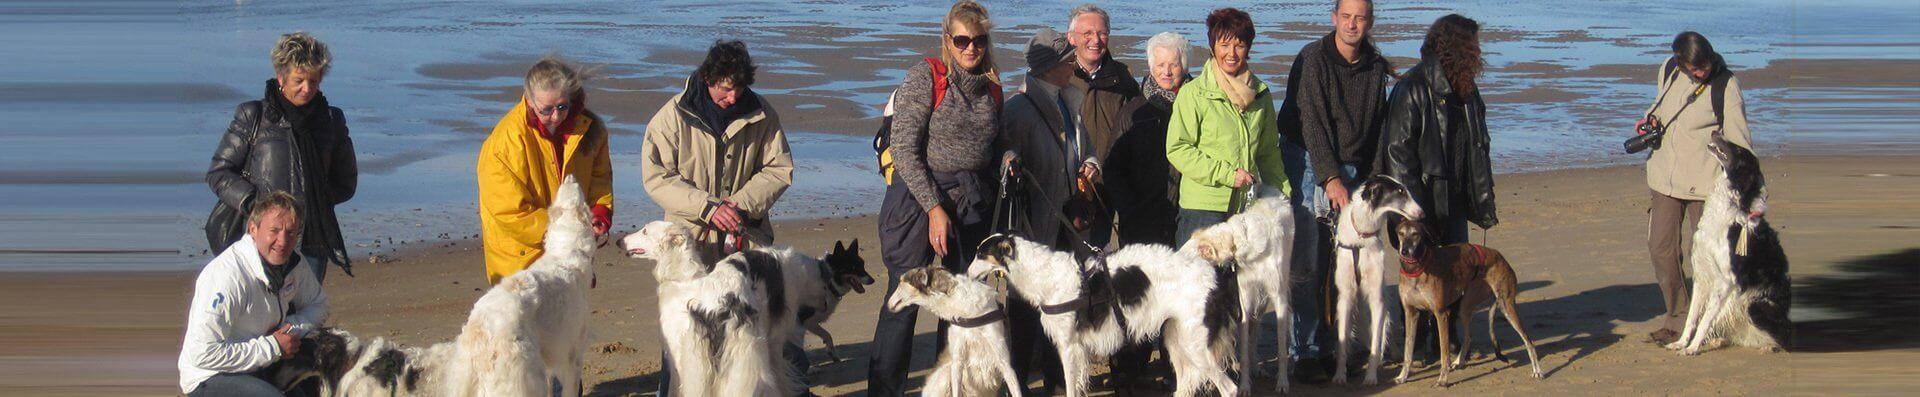 Dog's Paradise Inn - Pension pour chiens